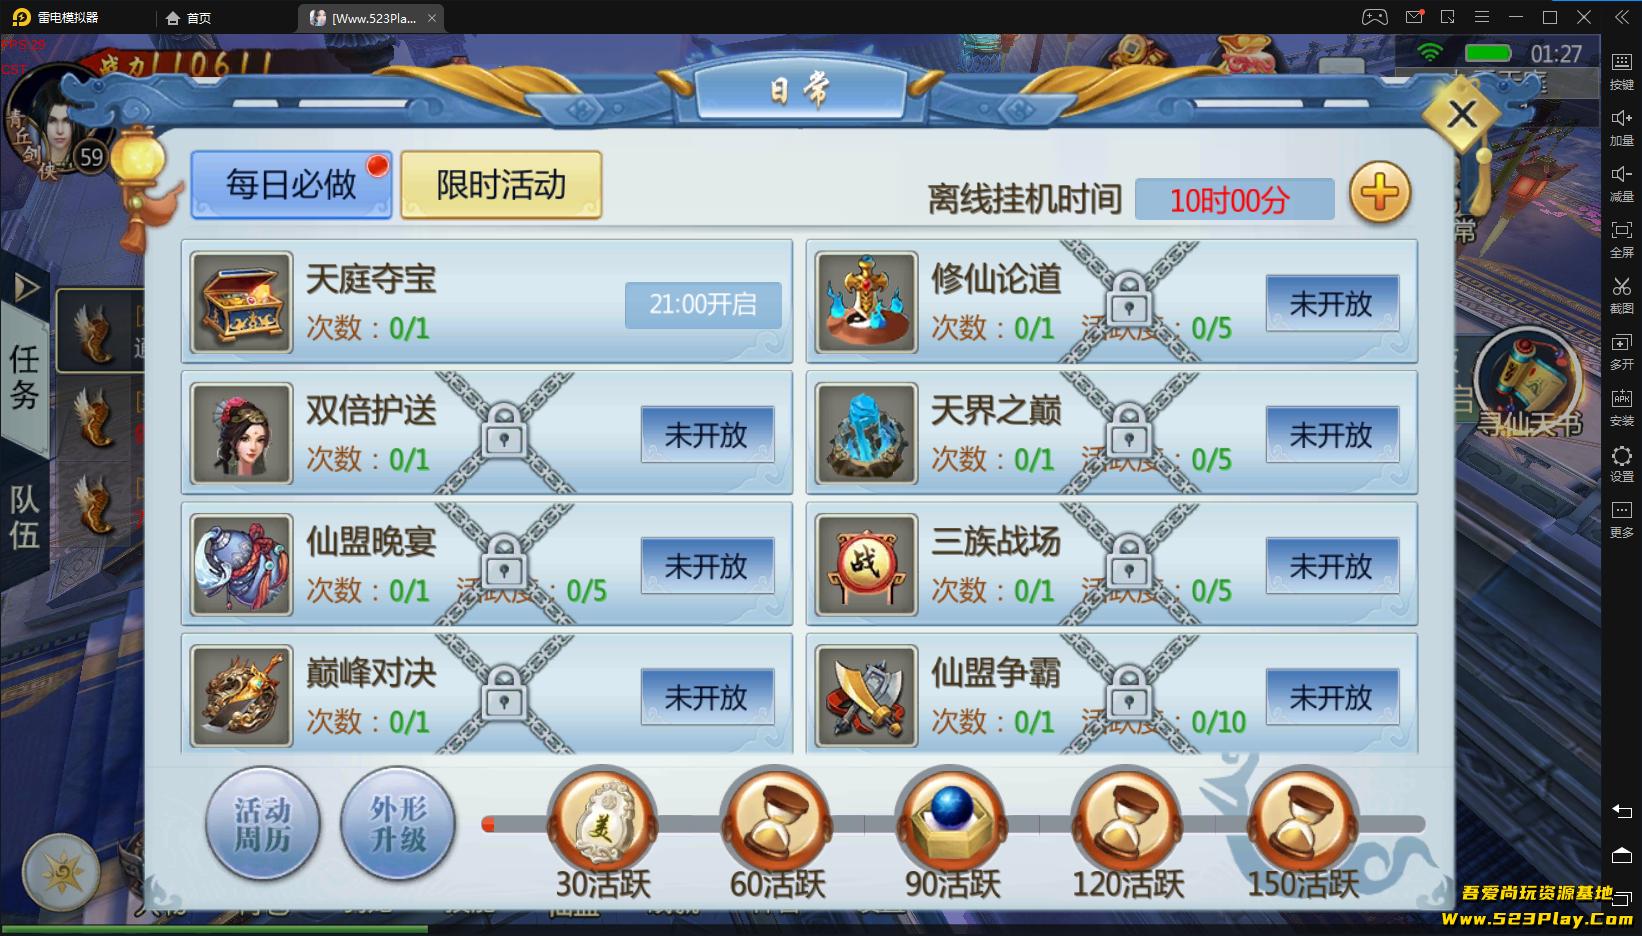 三生三誓(青丘传)一键启动服务端+GM后台+外网教程等